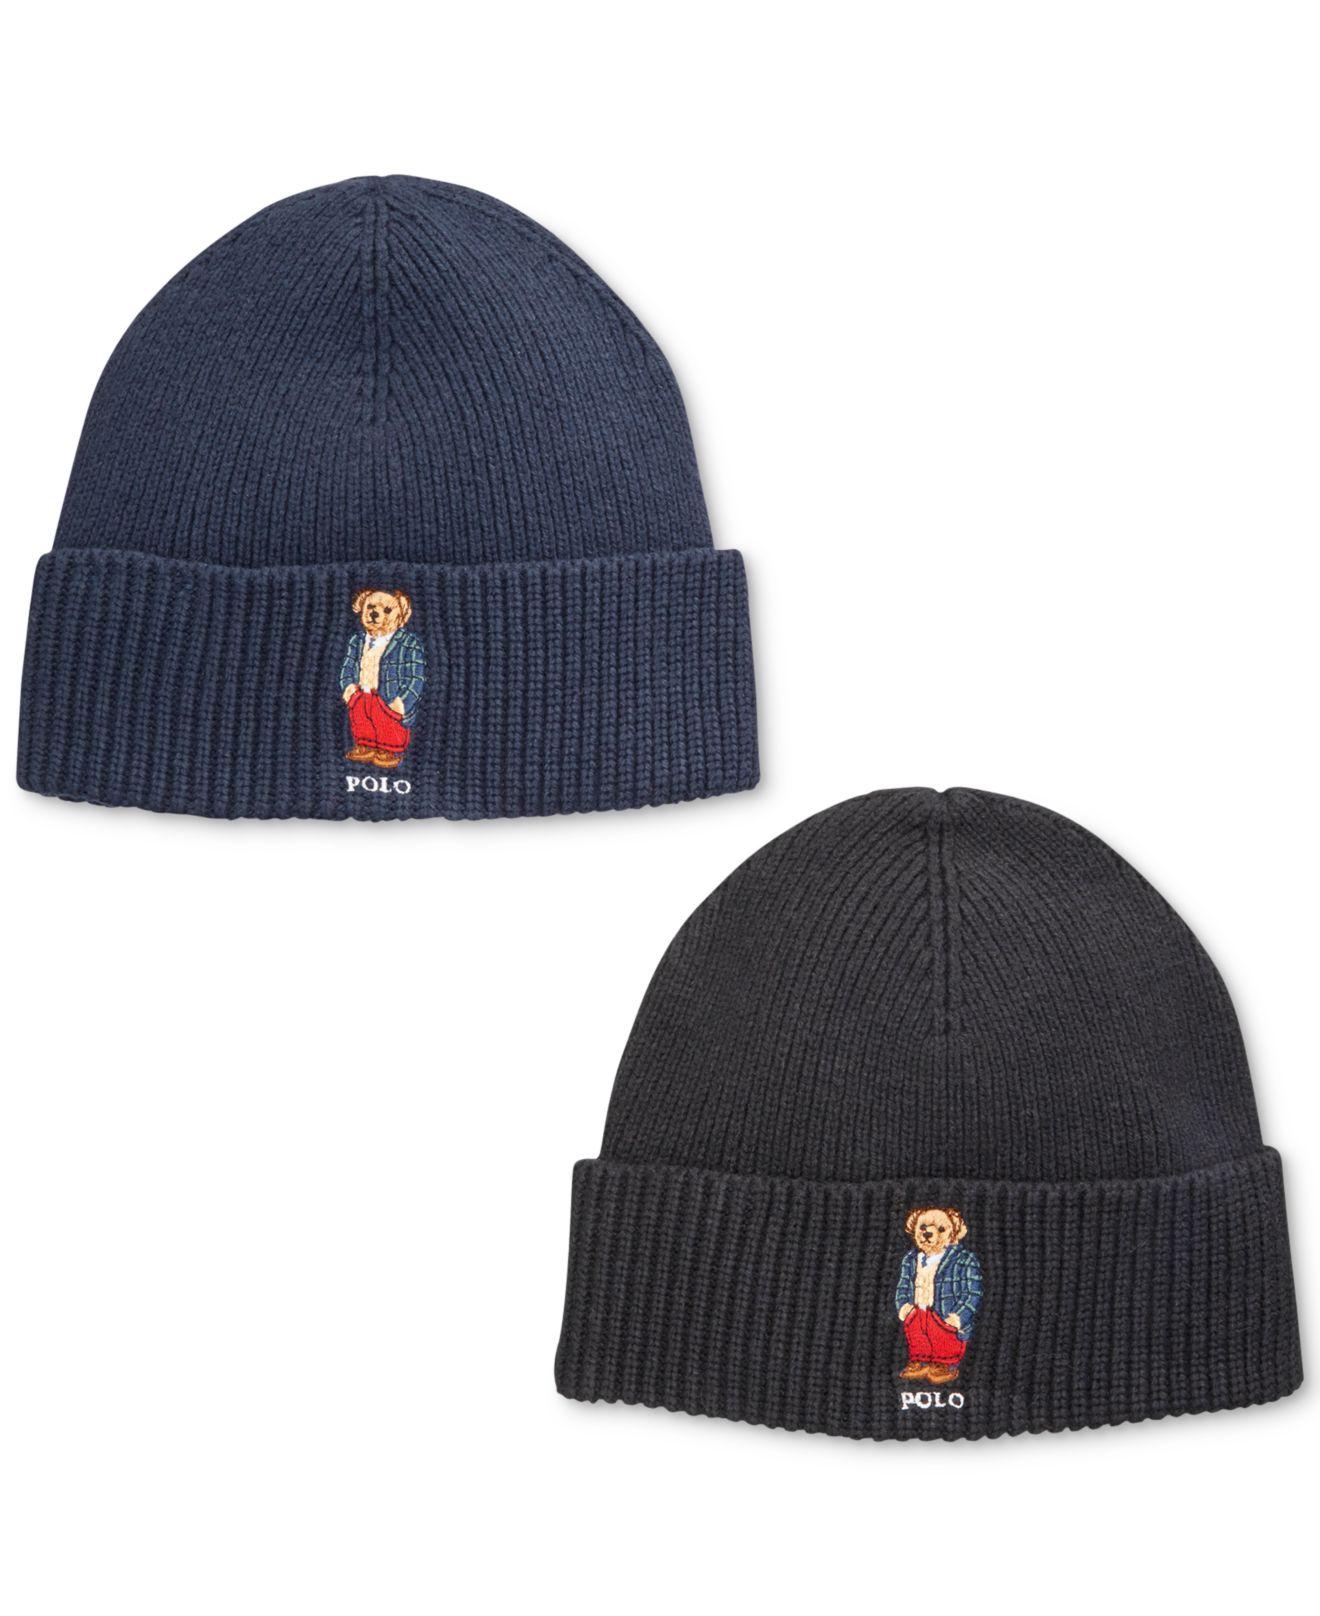 Lyst - Polo Ralph Lauren Bear Blackwatch Sportscoat Hat in Blue for Men a6772259ccee